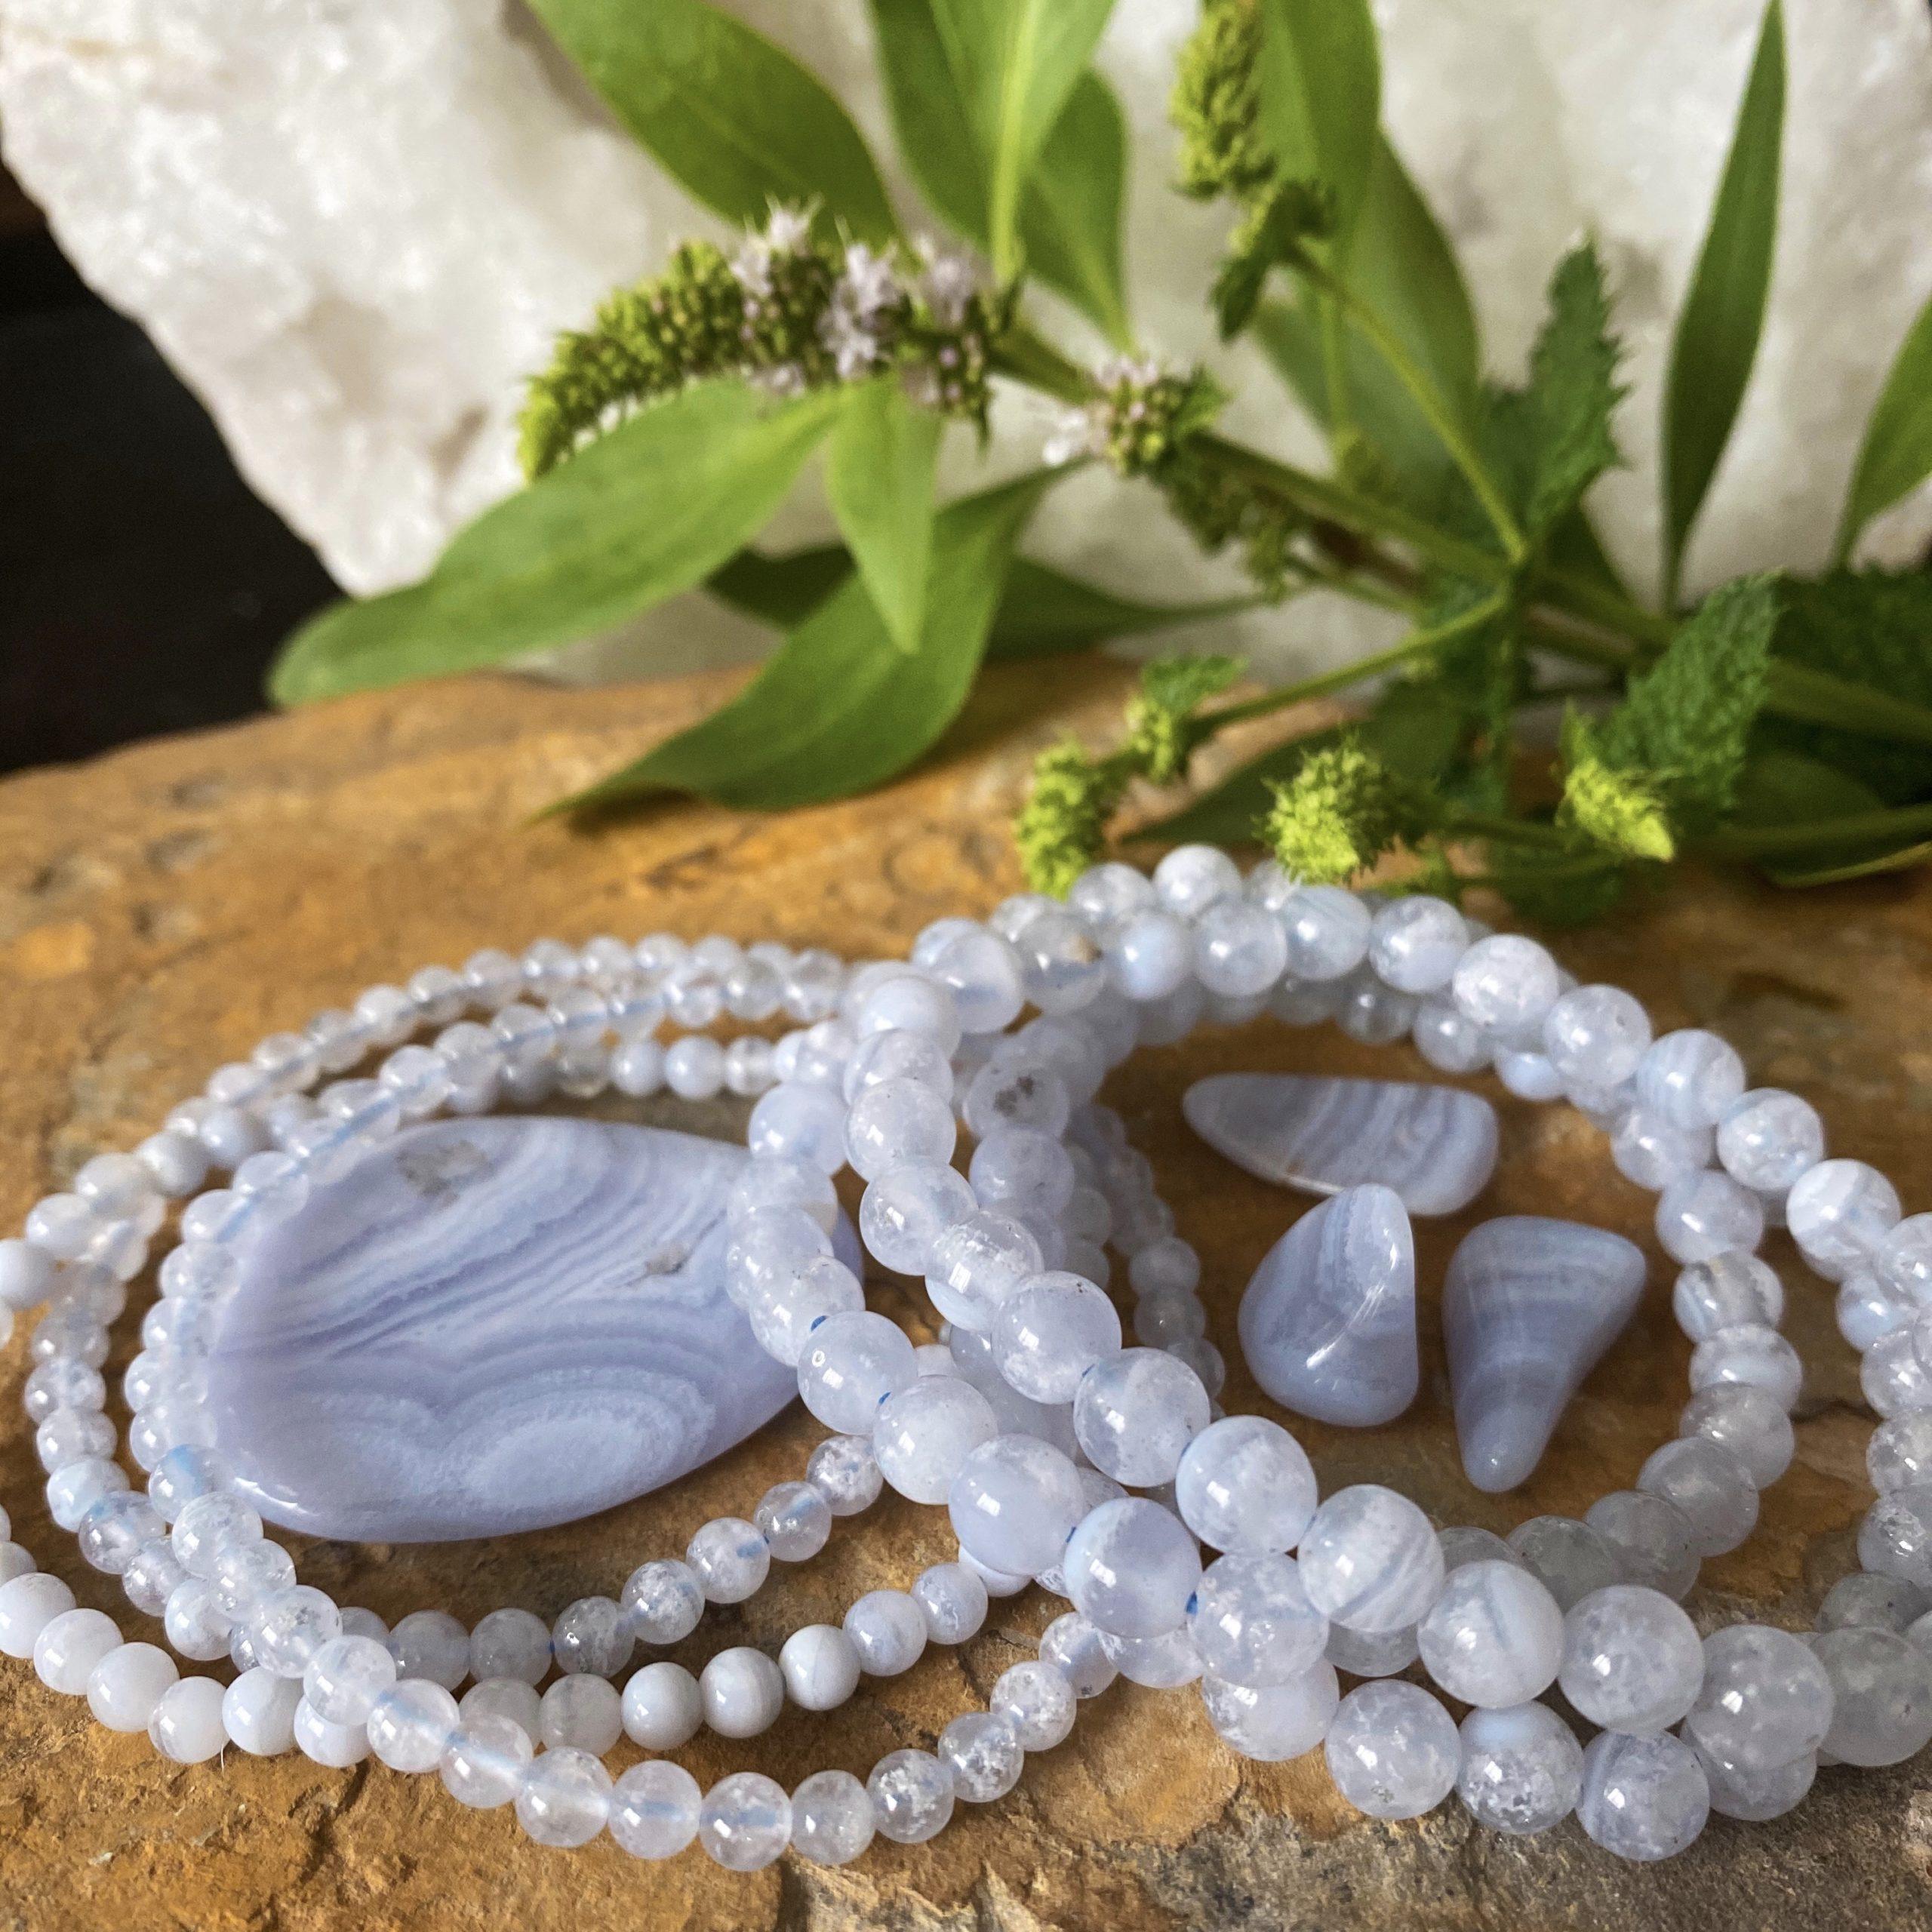 Blue Lace Agate | Communication